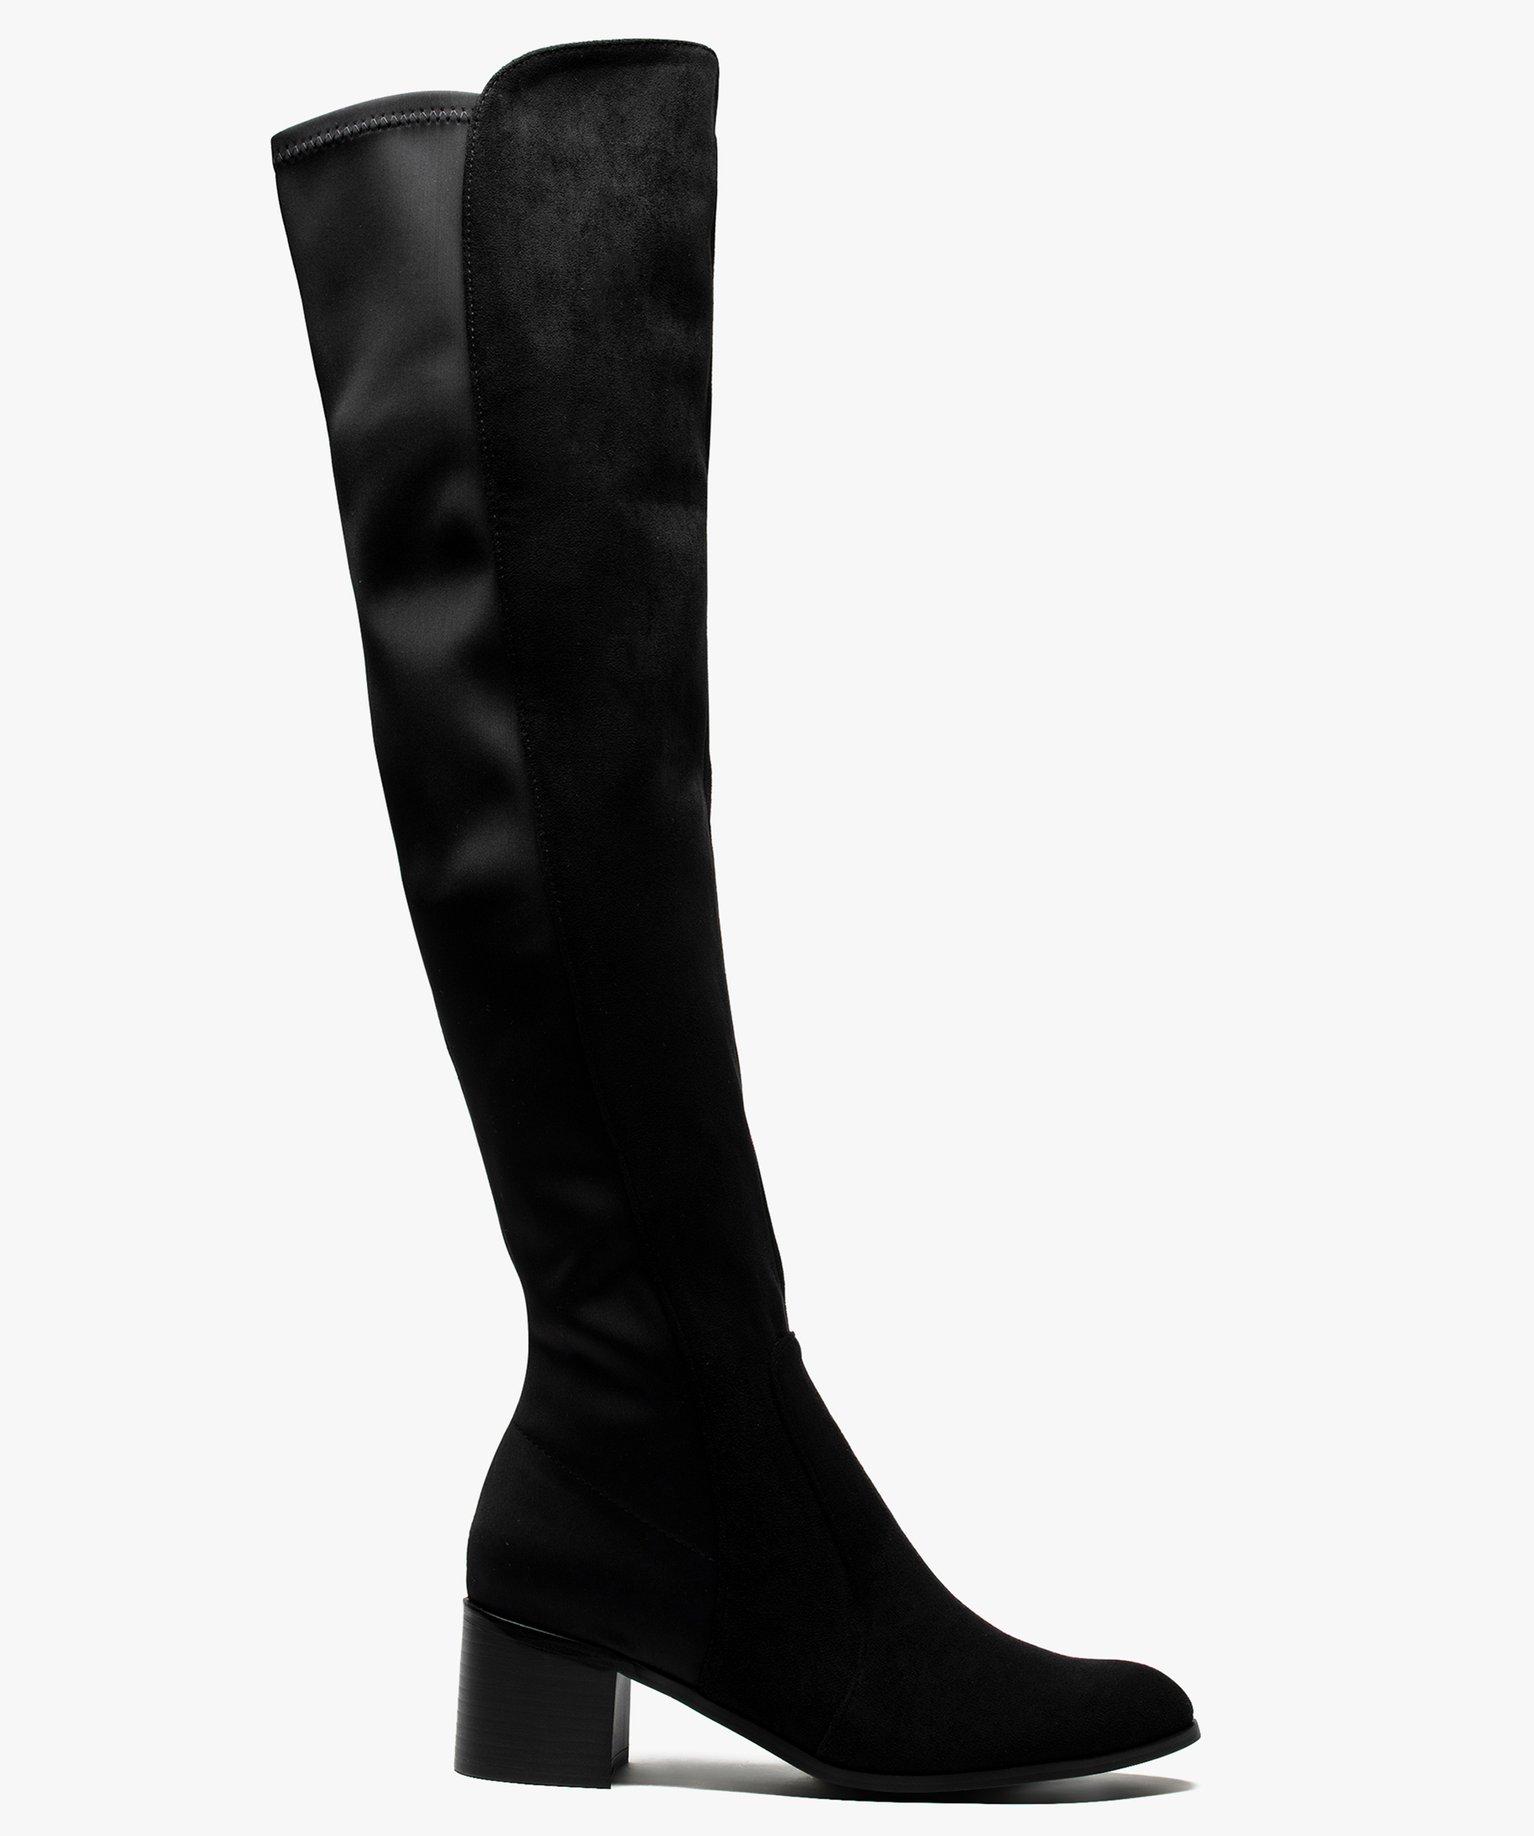 Bottes cuissardes femme bi-matières avec petit talon